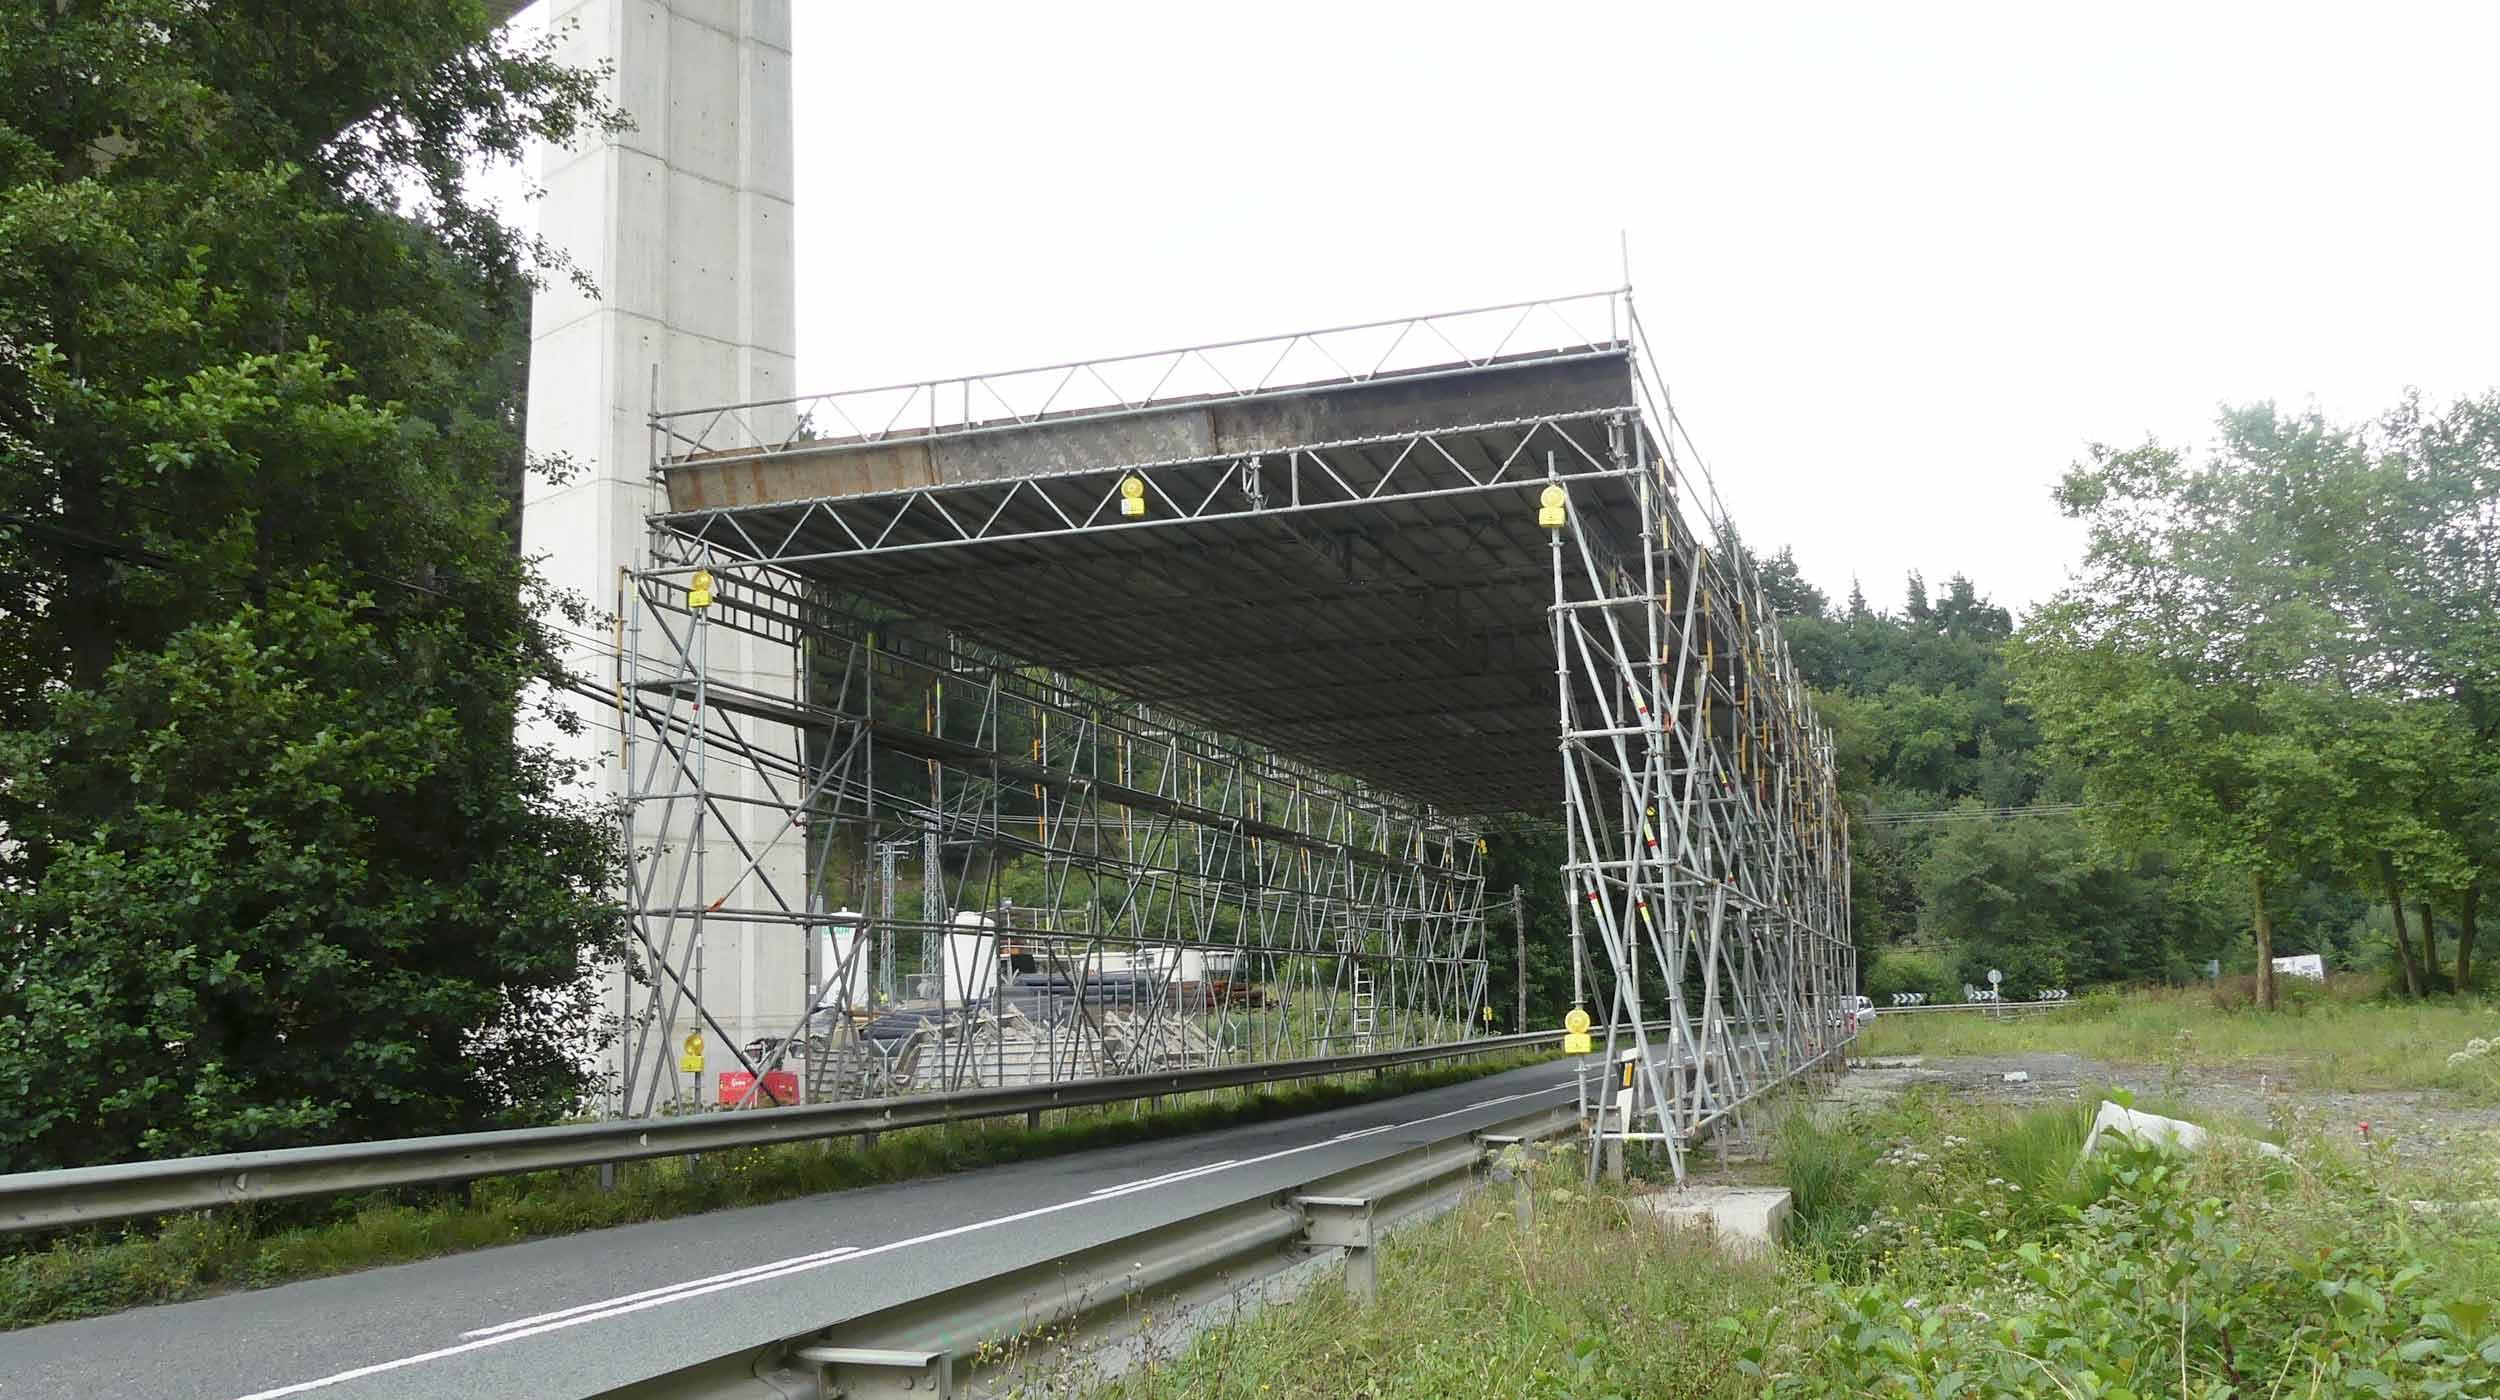 Se ha utilizado el andamio de protección temporal BRIO para asegurar de la vialidad en la carretera de Asteasu, sin impedir el tráfico rodado.